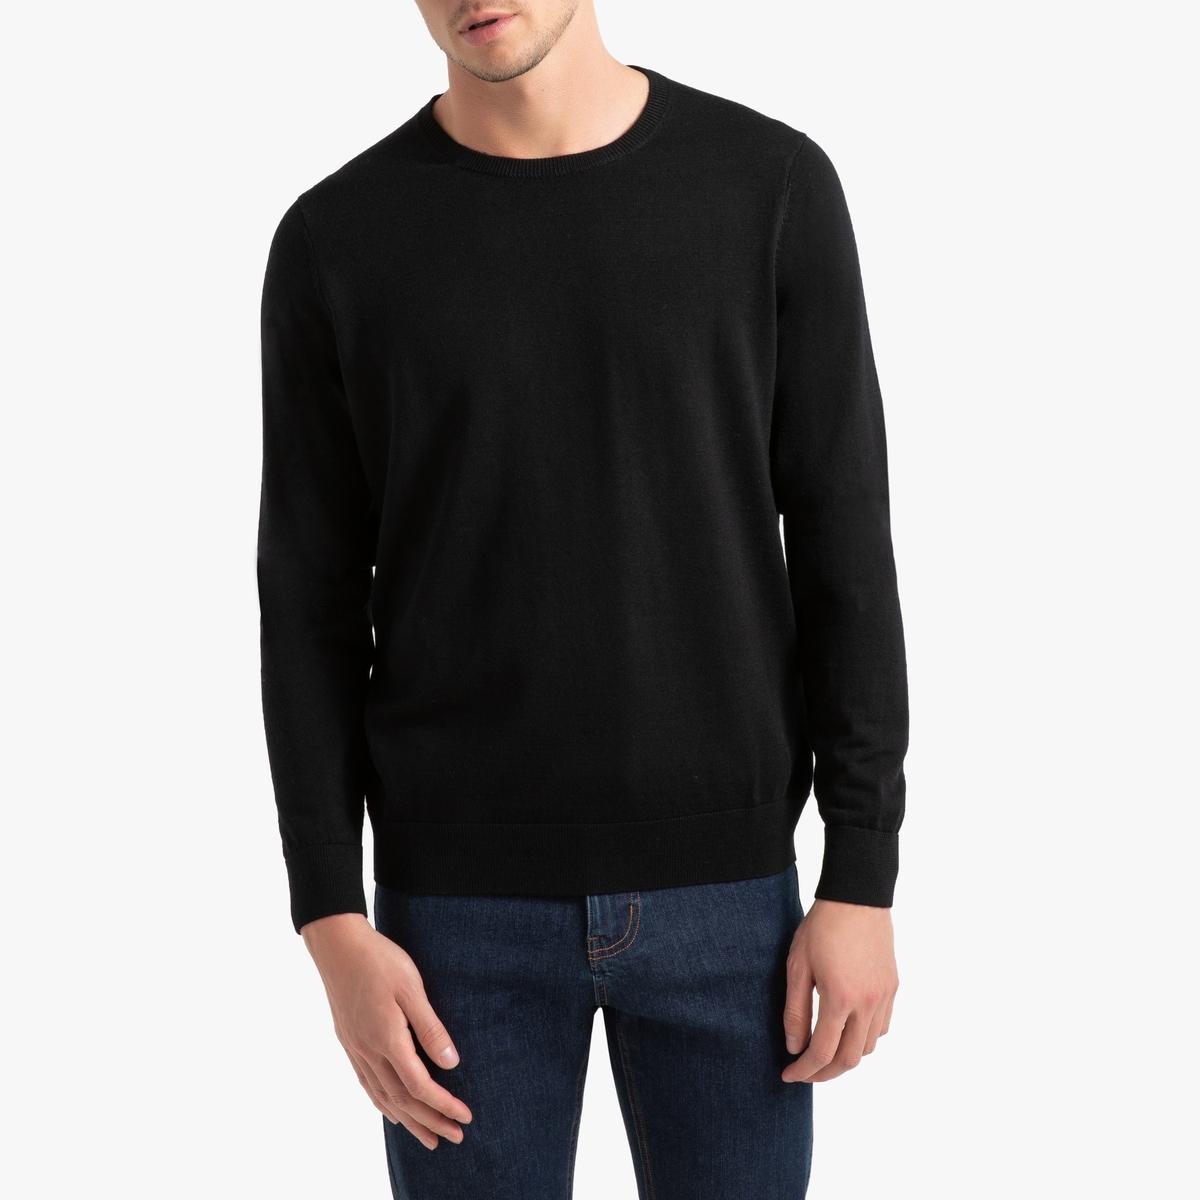 Пуловер La Redoute С круглым вырезом из шерсти мериноса Pascal 3XL черный пуловер la redoute с круглым вырезом из шерсти мериноса pascal 3xl черный